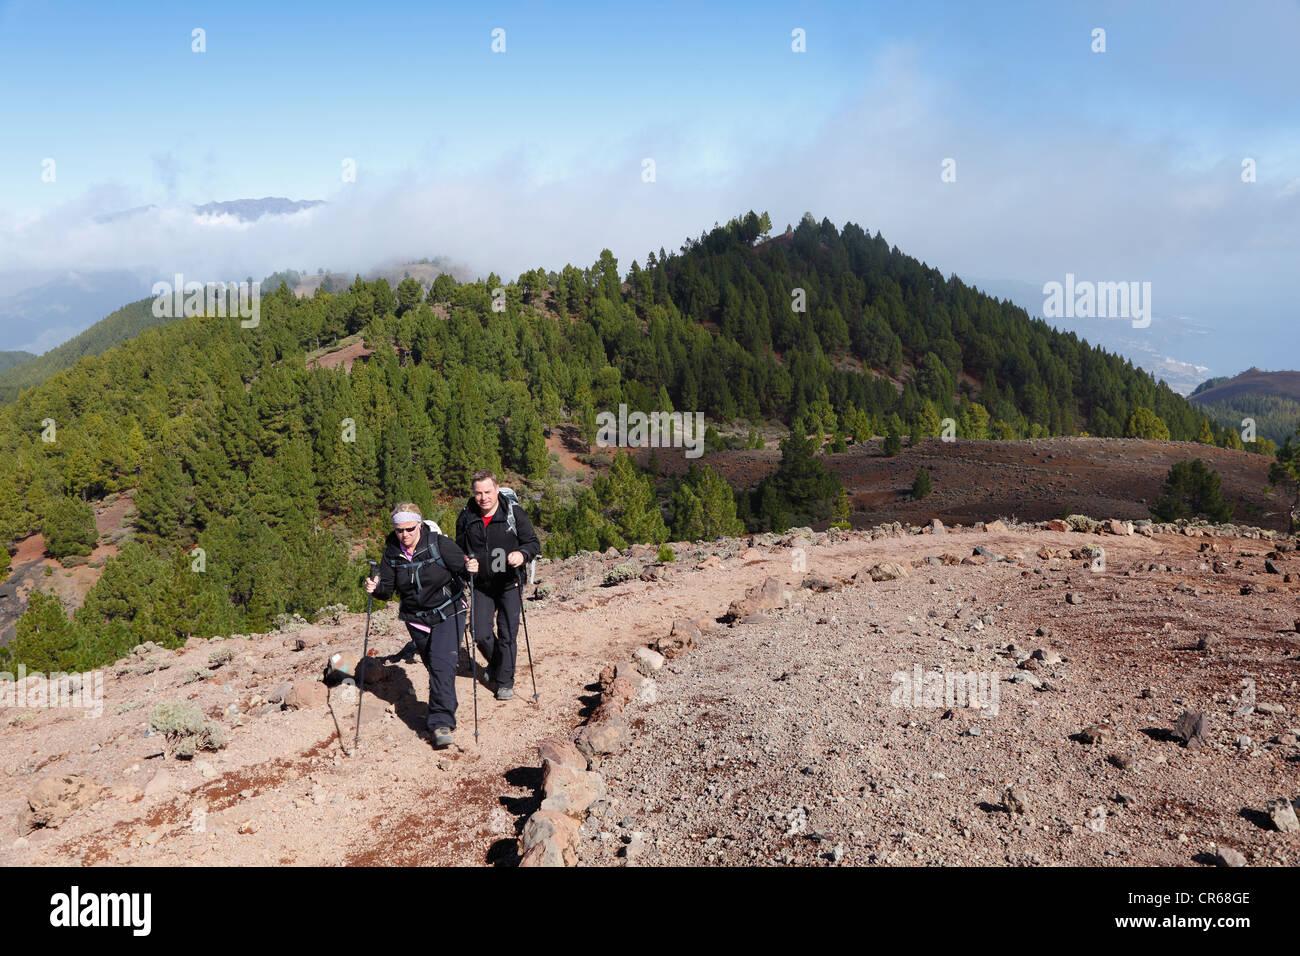 Spain, La Palma, Hikers on Ruta de los Volcanes - Stock Image